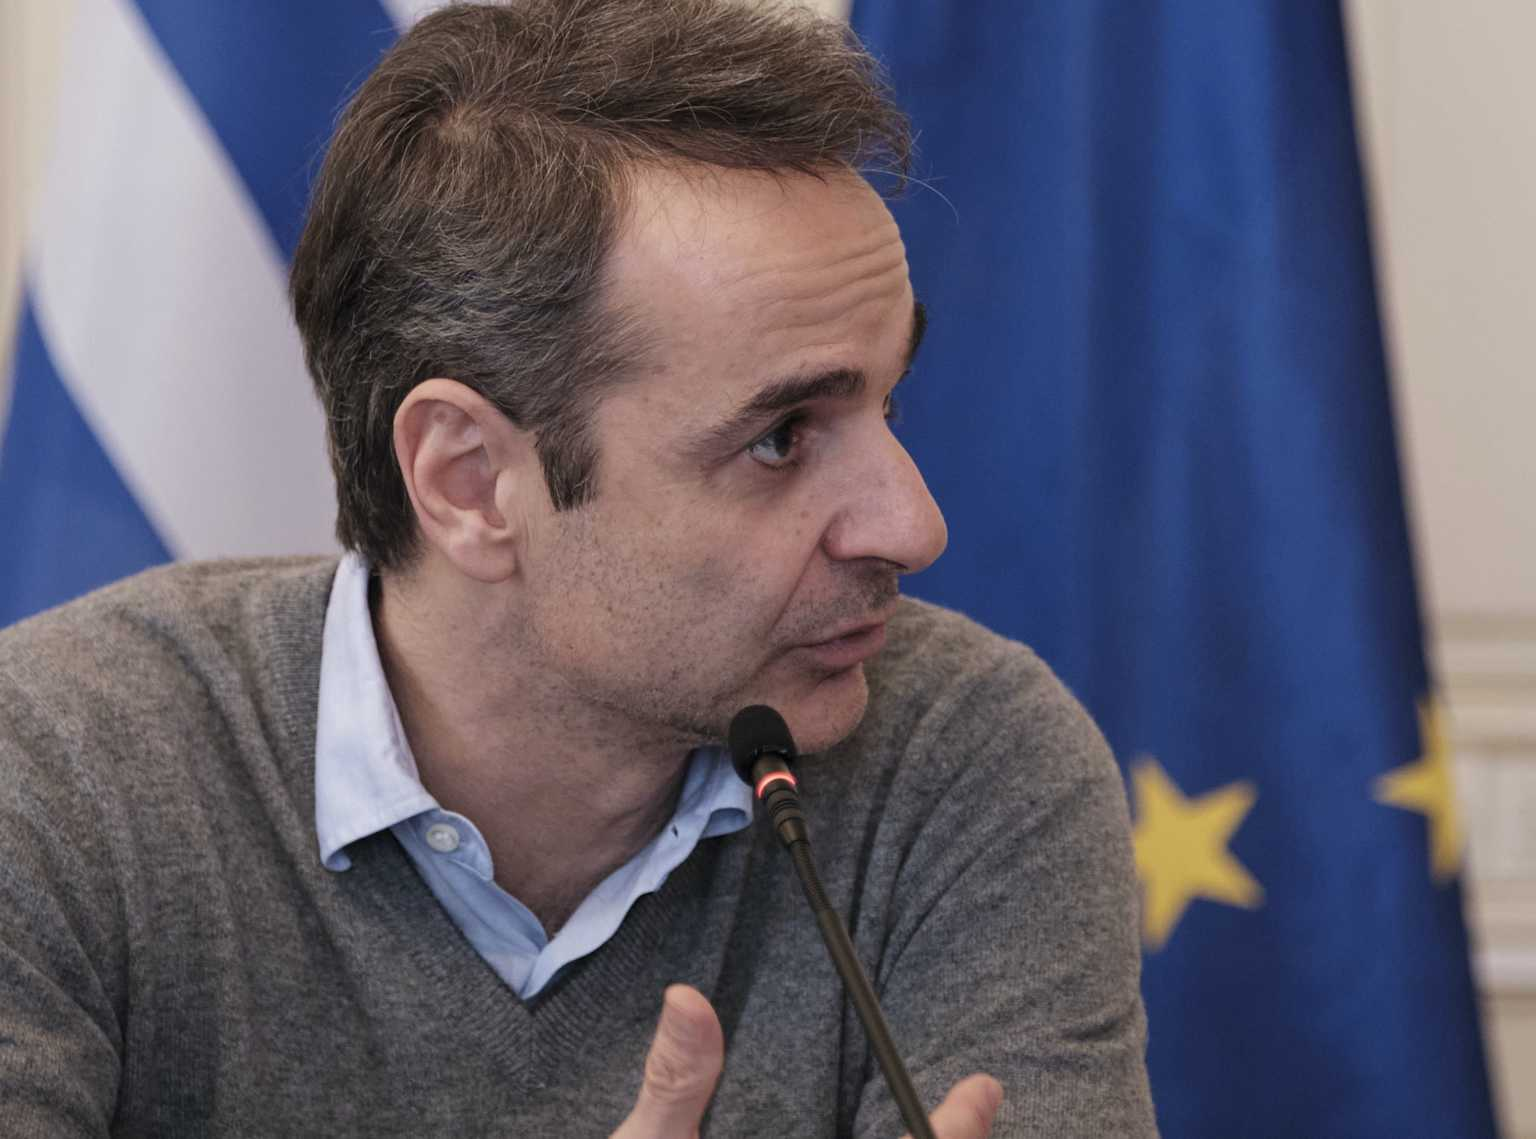 Ξεκάθαρος ο Μητσοτάκης: «Αν χρειαστεί να αυστηροποιήσουμε το πλαίσιο θα το κάνουμε»